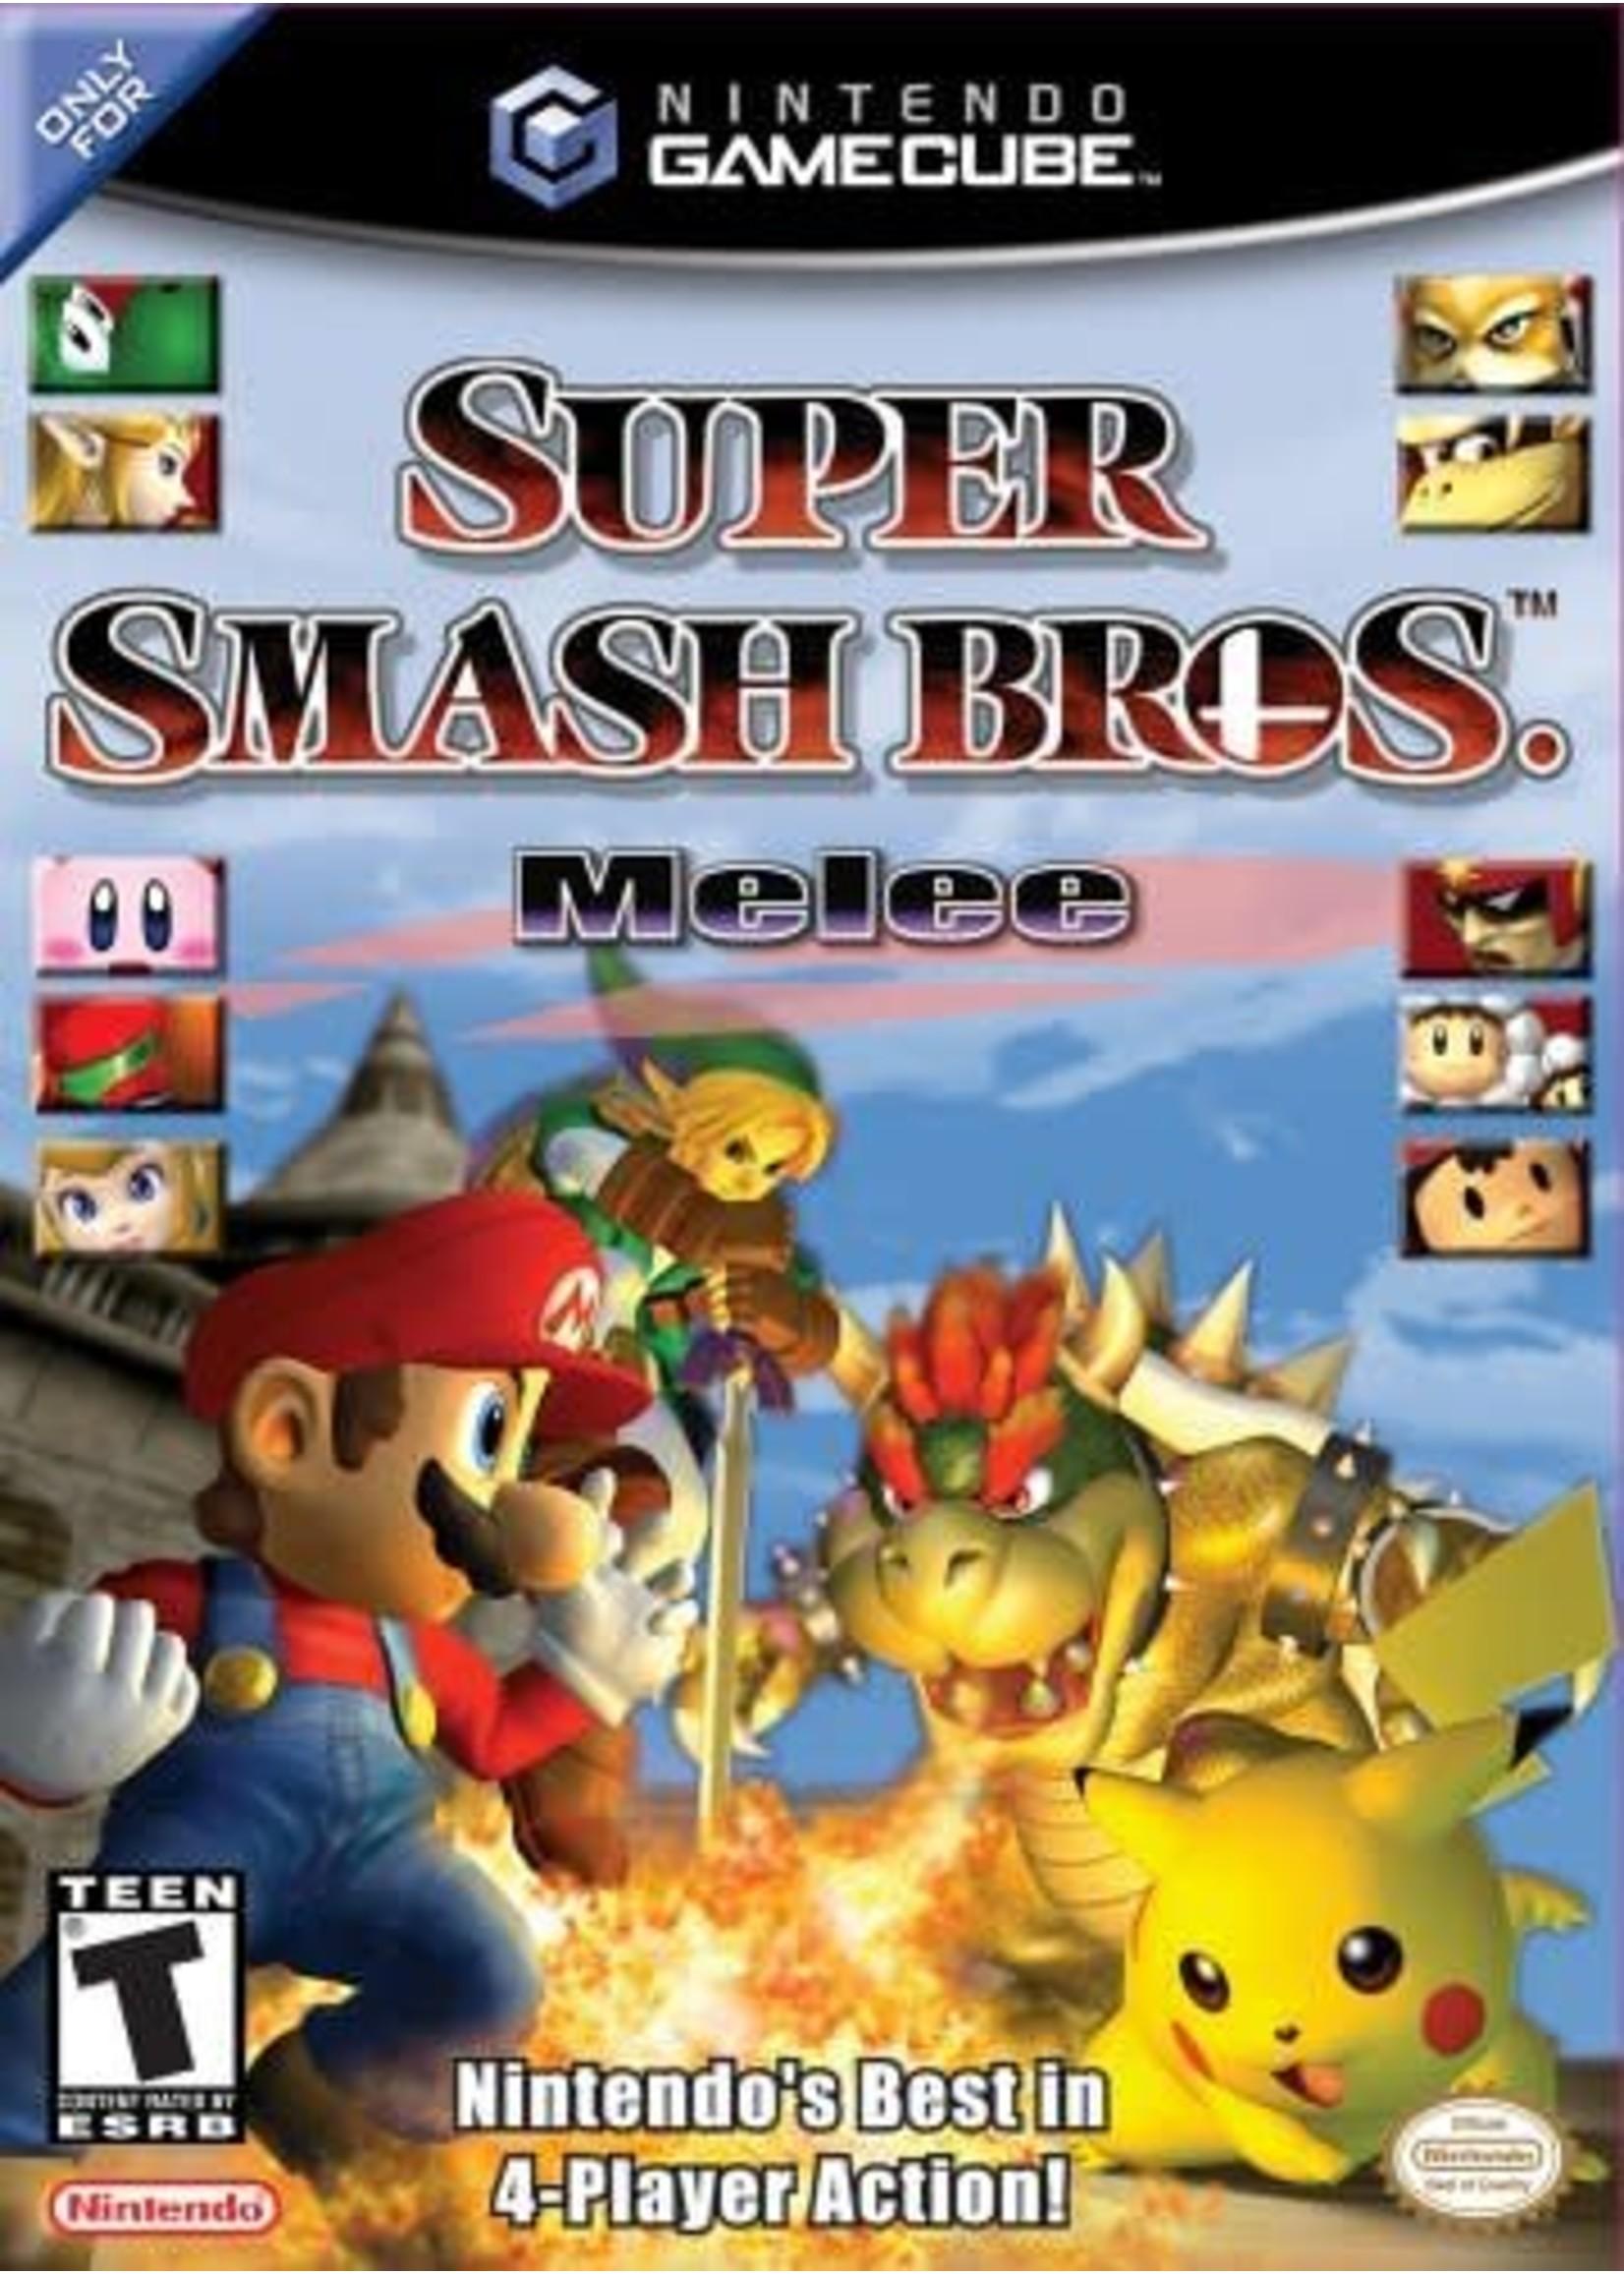 Super Smash Bros. MELEE - NGC PrePlayed